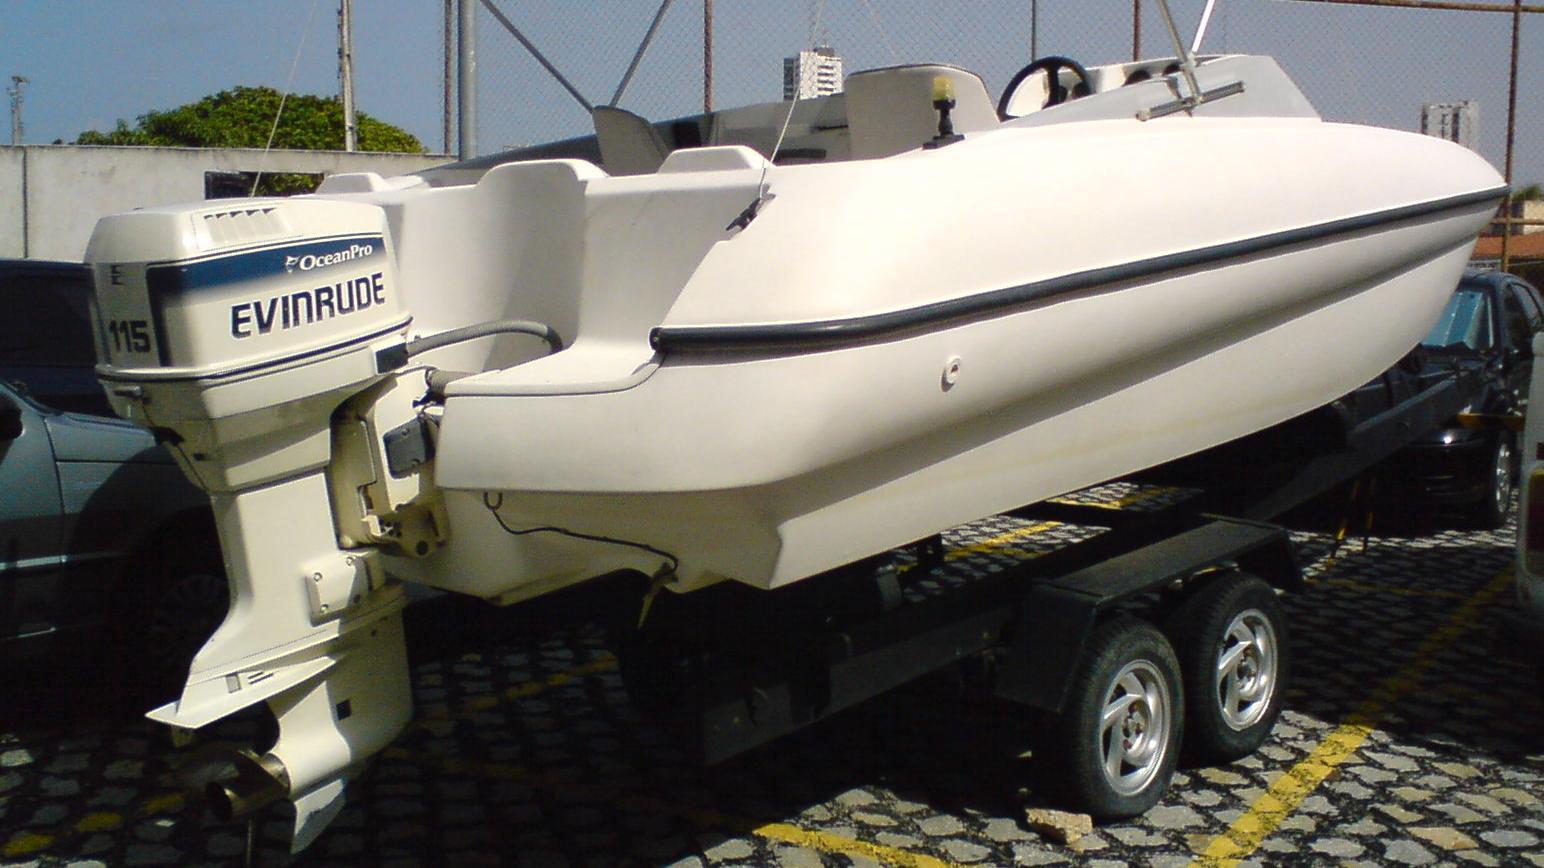 Båd med påhængsmotor